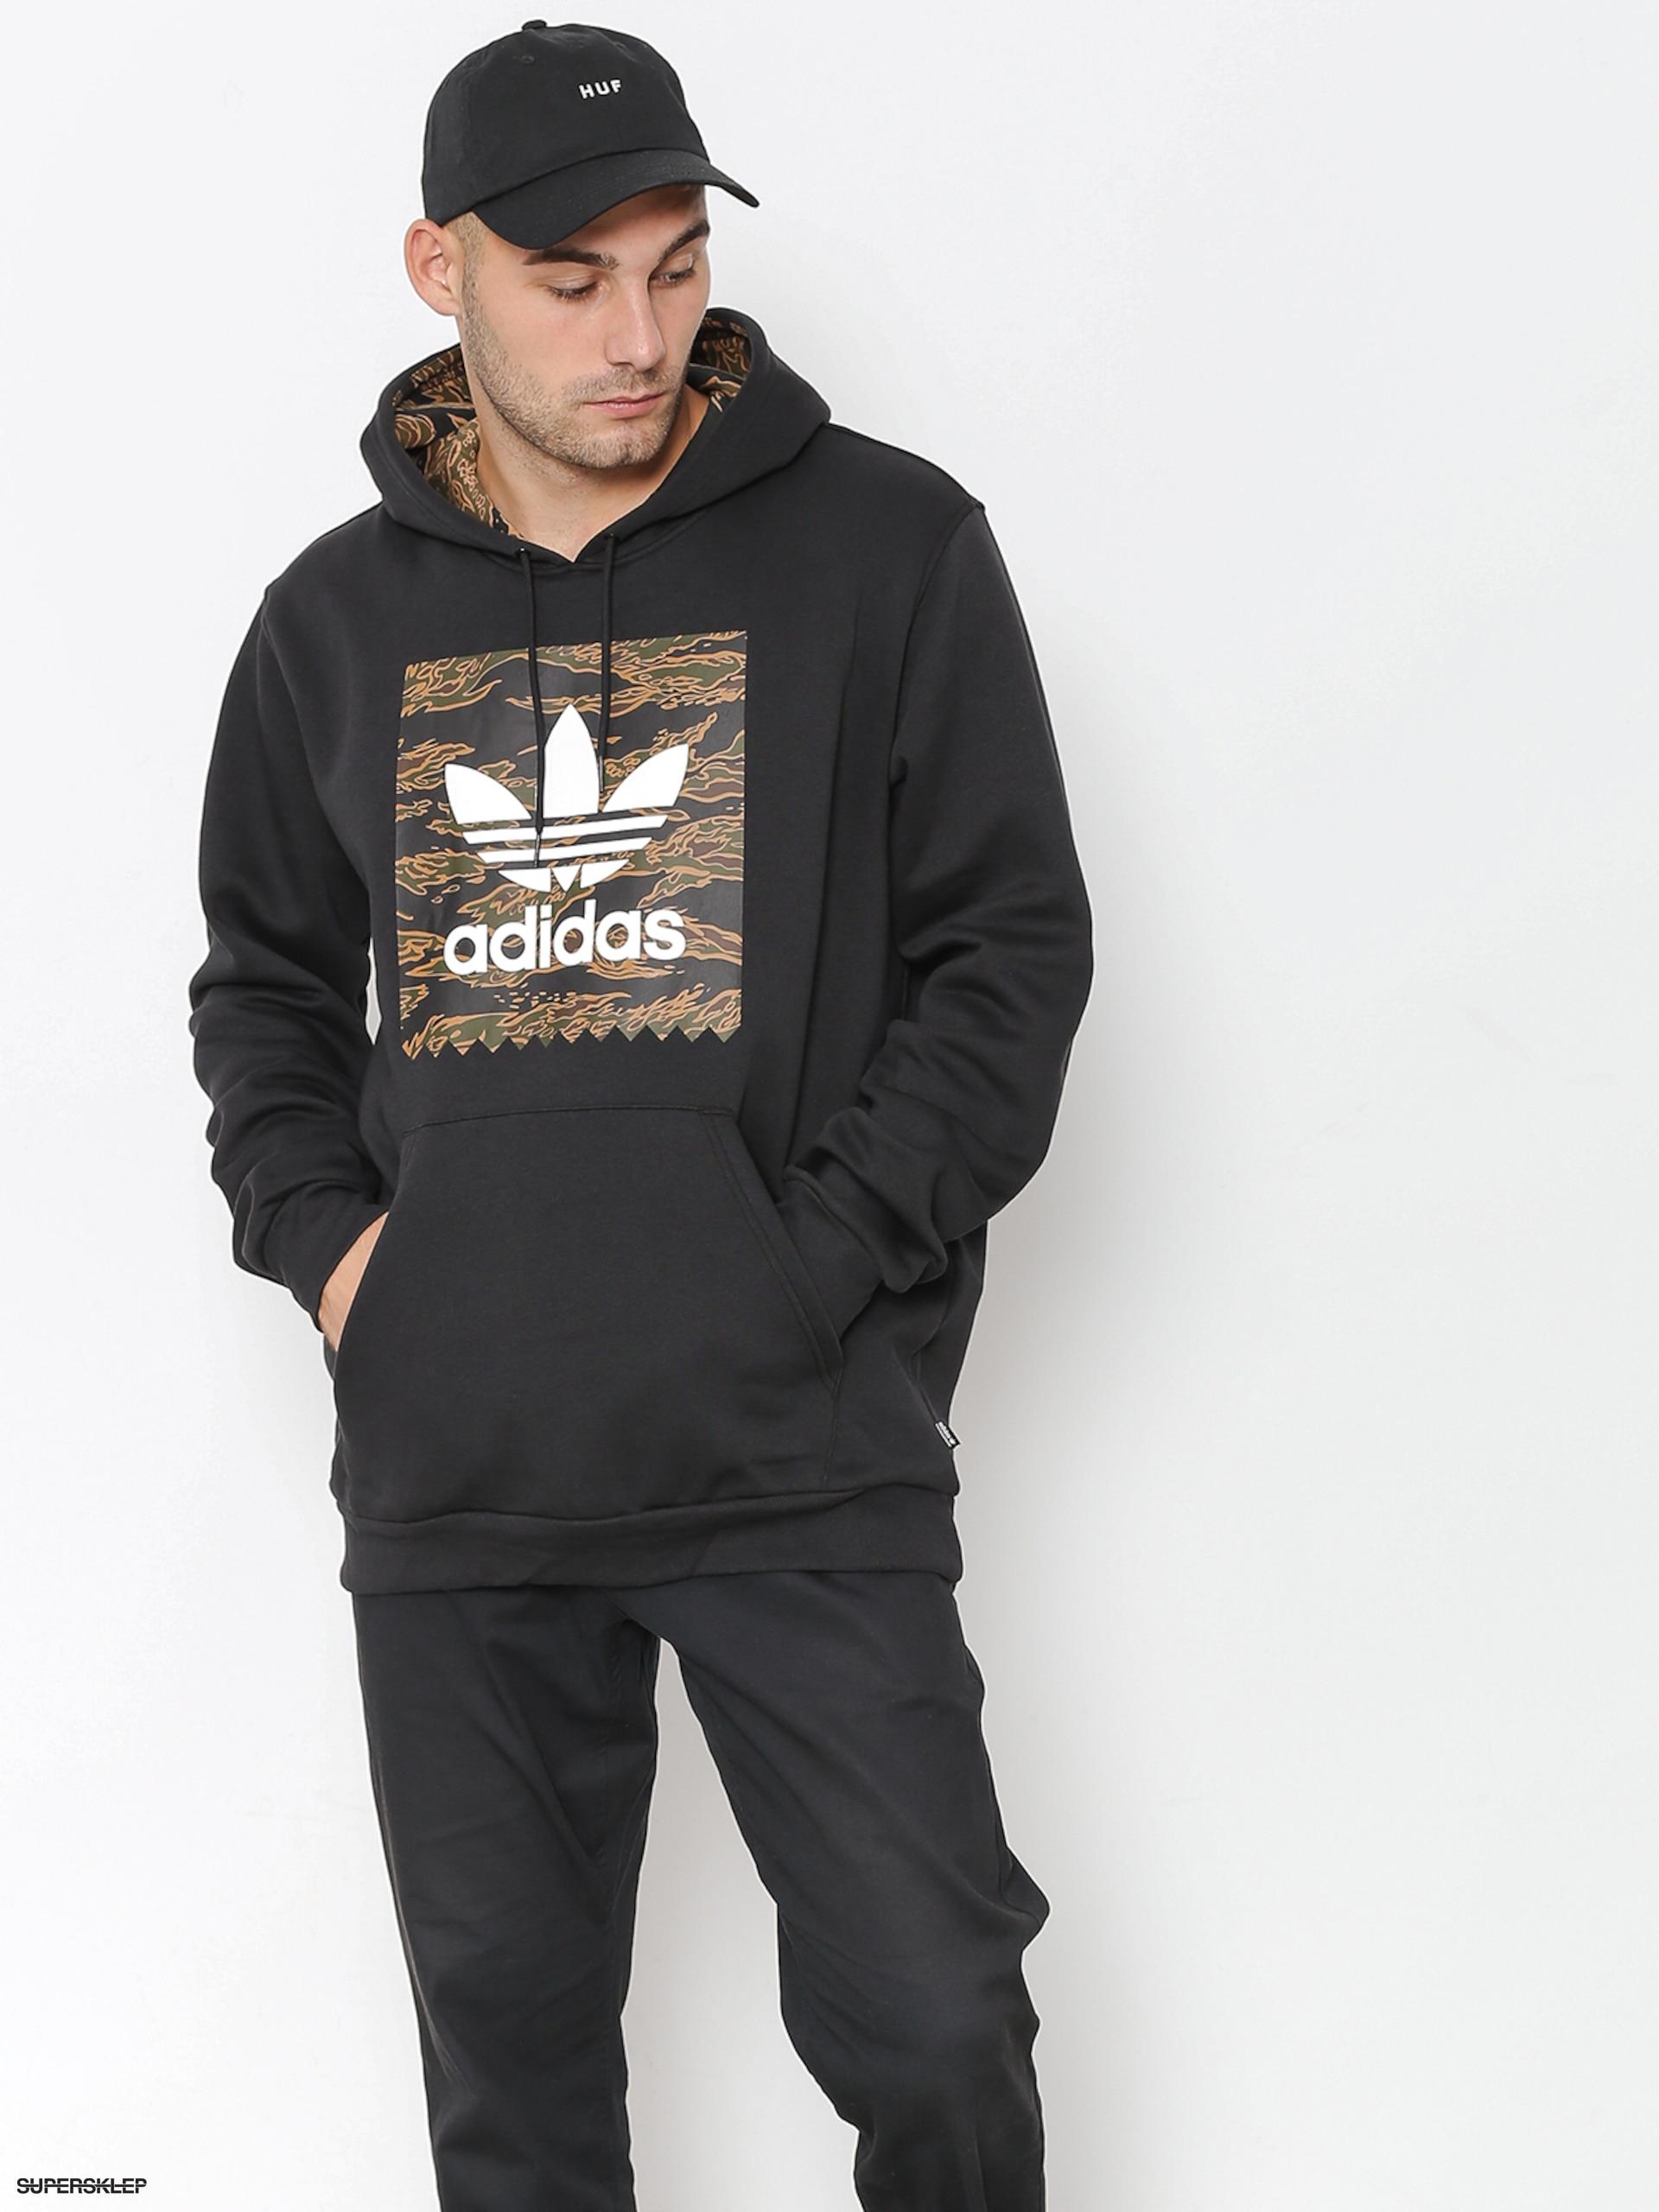 super jakość Wielka wyprzedaż najlepszy wybór Bluza z kapturem adidas Camo Bb HD (black/camo print/collegiate orange)